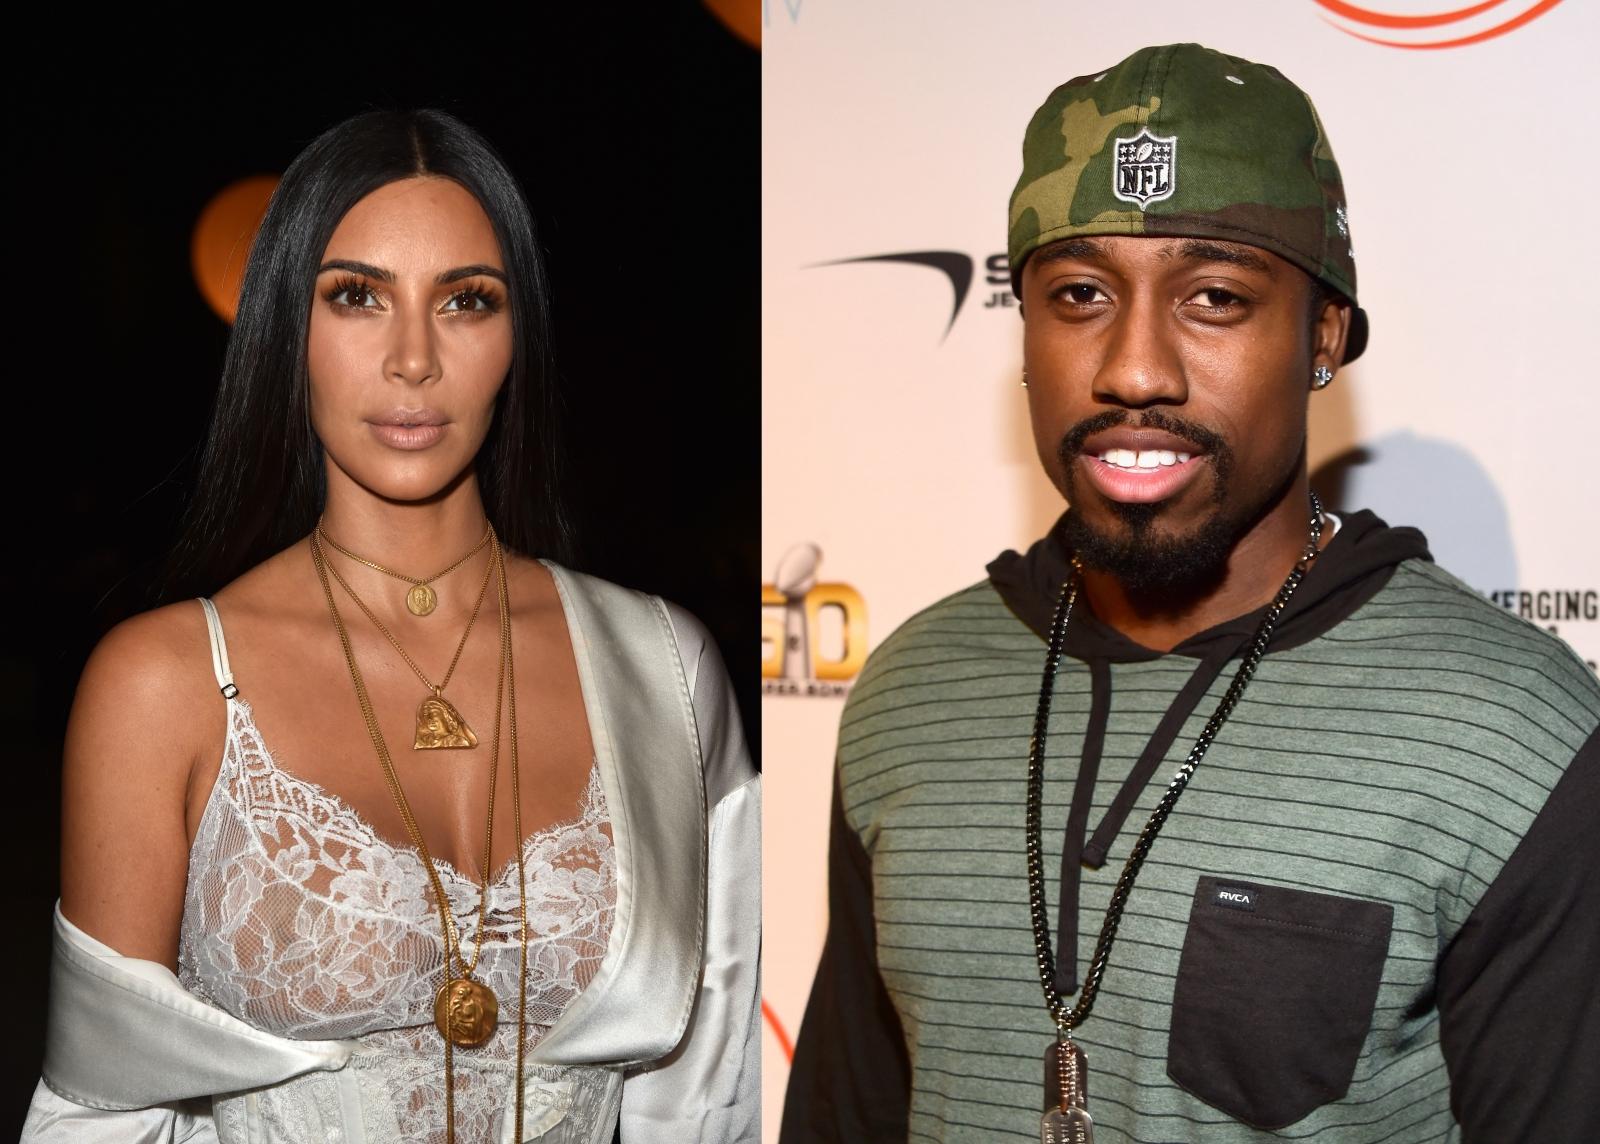 Kim Kardashian and Marquette King